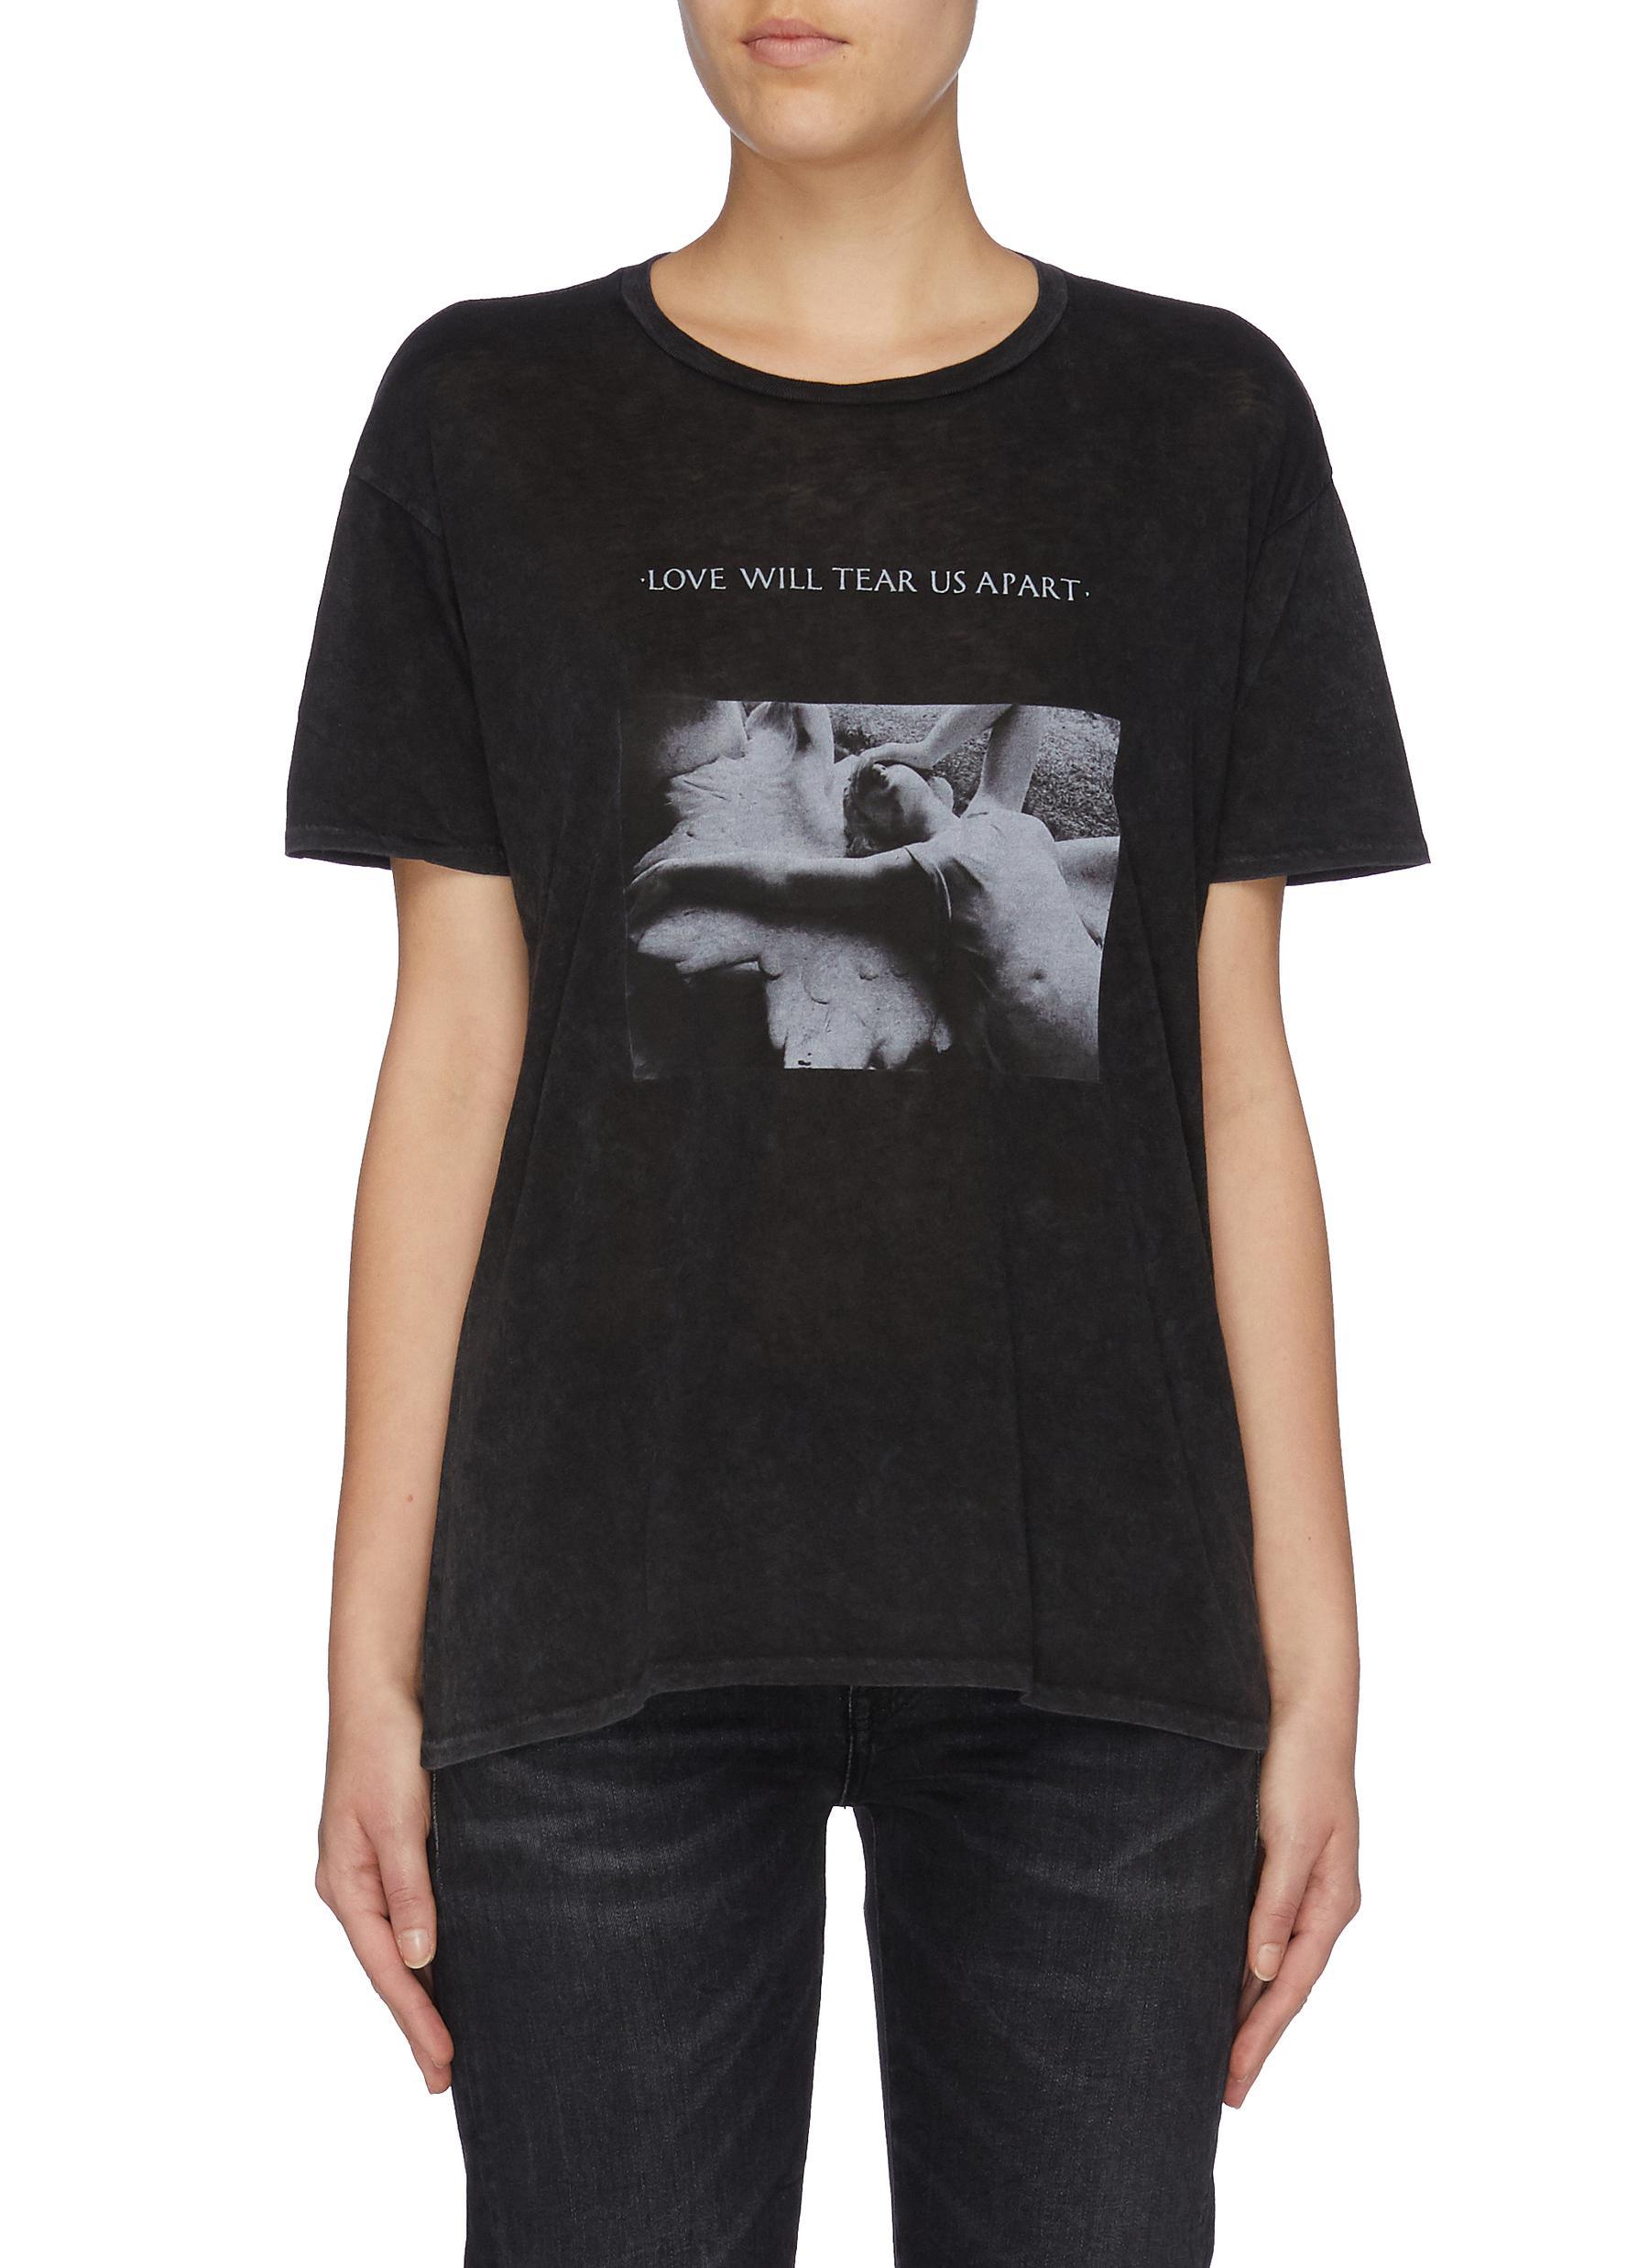 Joy Division slogan photographic print cotton-cashmere boy T-shirt by R13